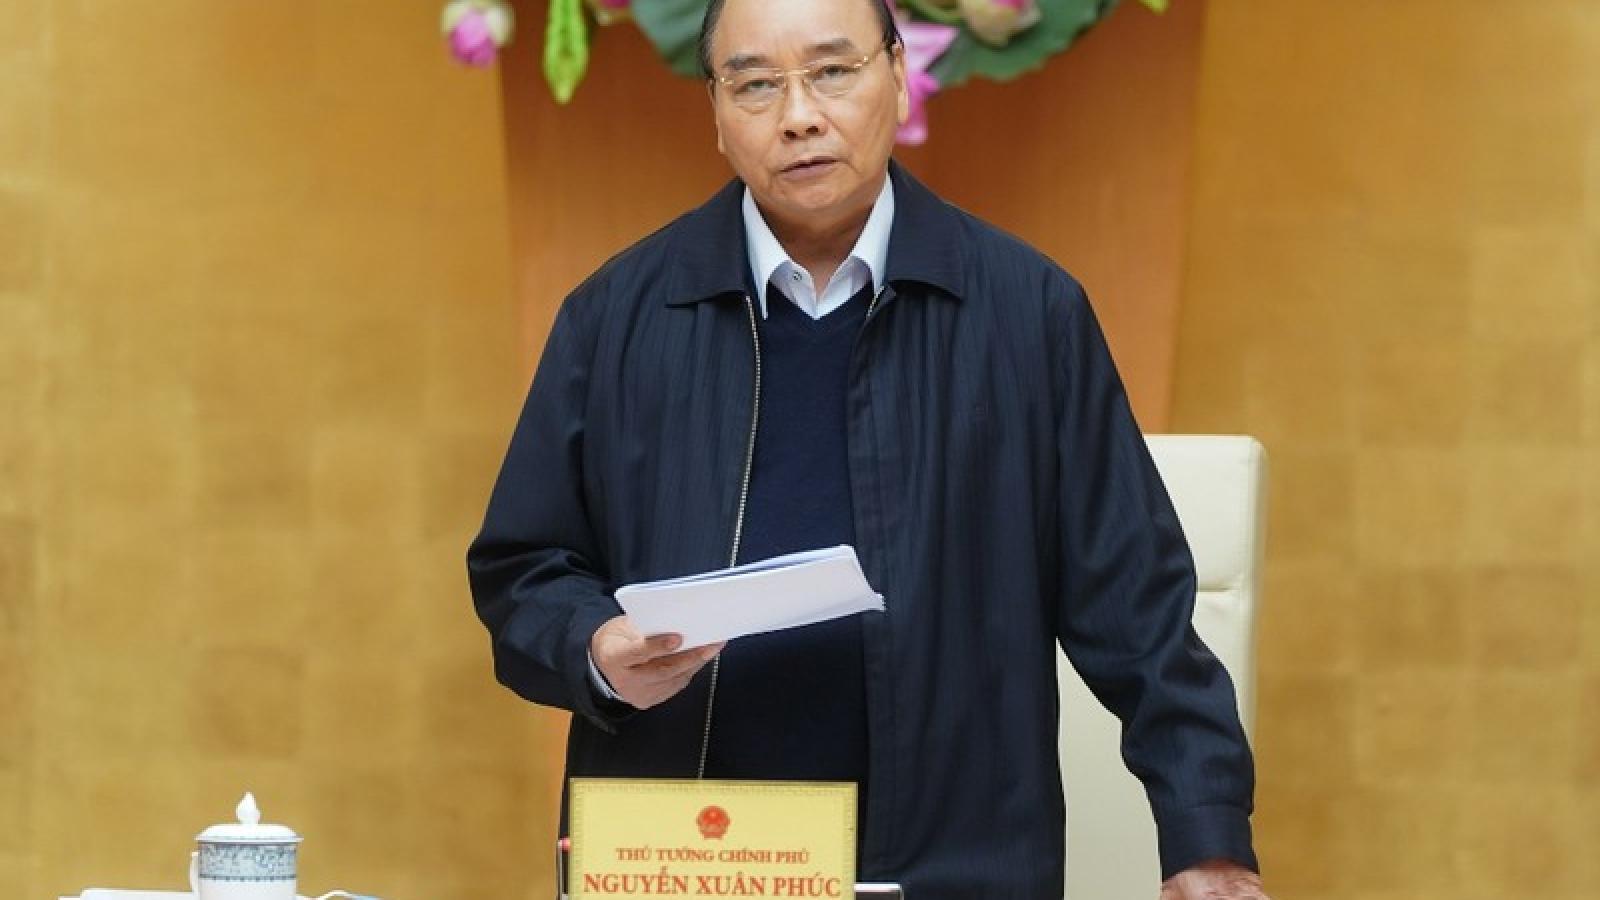 Thủ tướng yêu cầu Đồng Nai sớm hoàn thành GPMB sân bay Long Thành